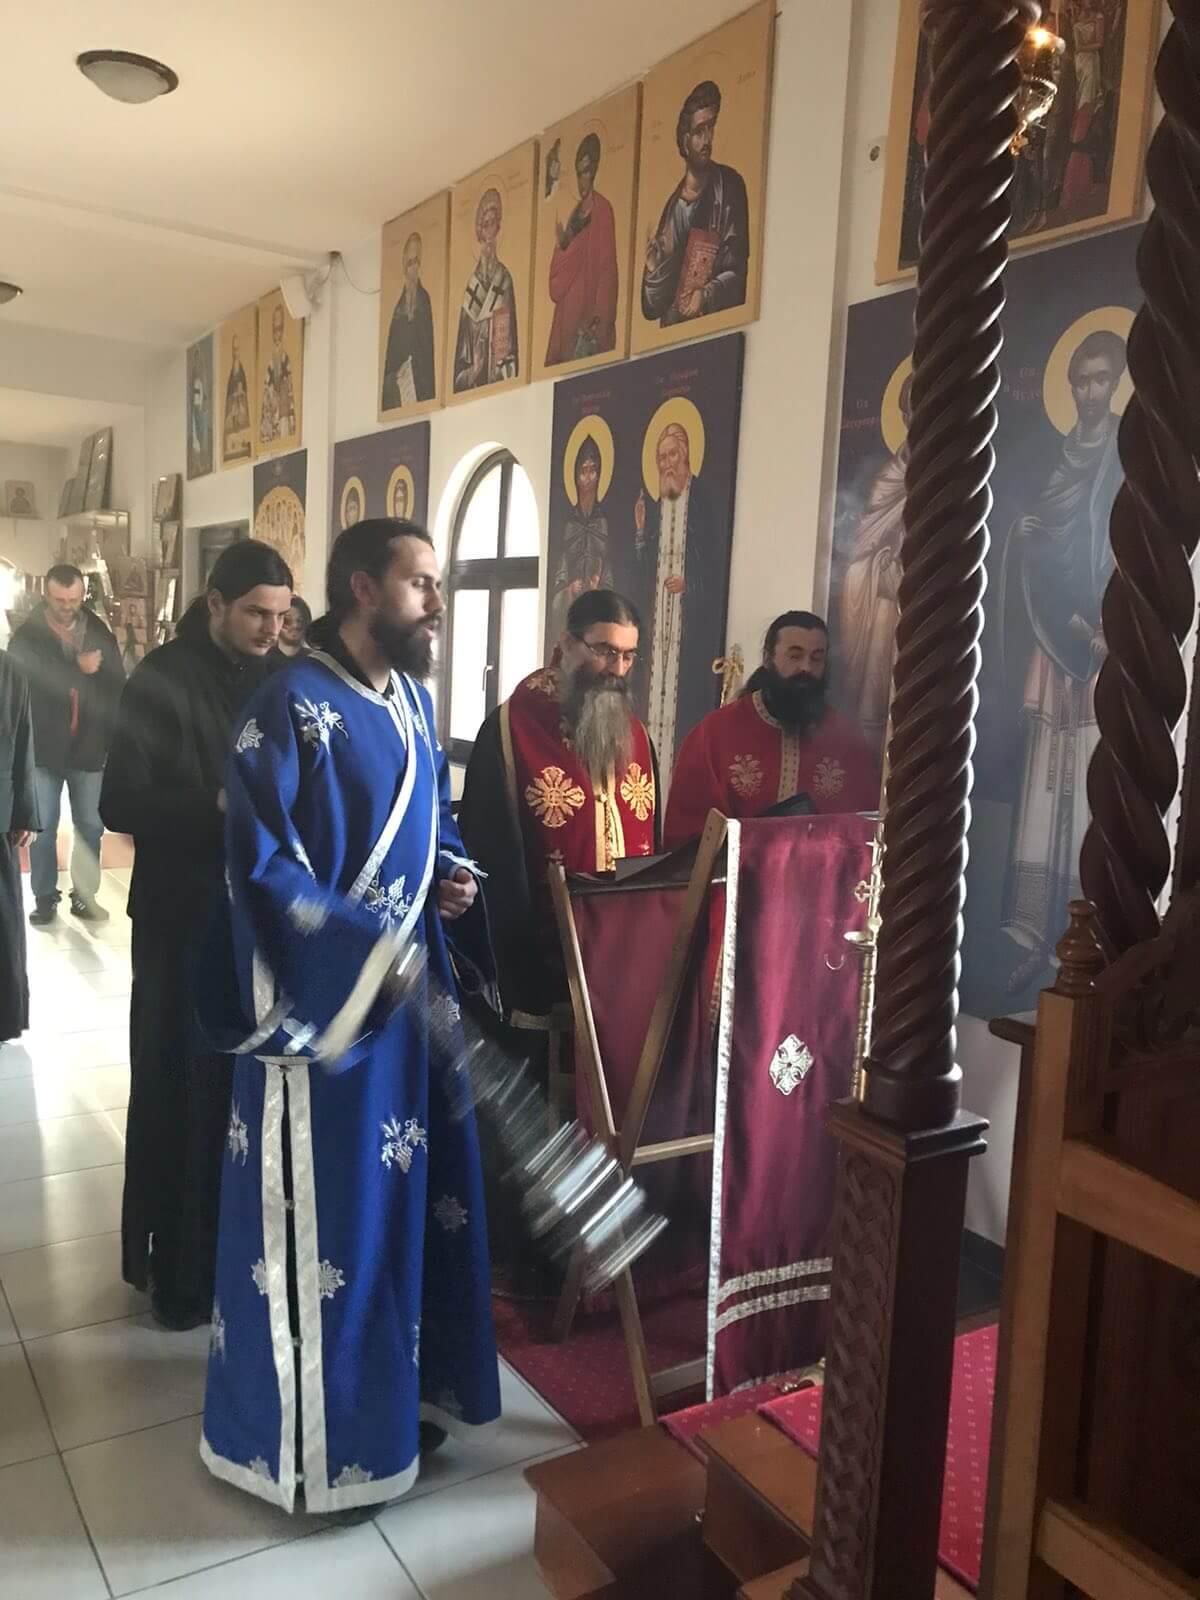 ПОЧЕО ЗВАНИЧНИ ПРОГОН ХРИСТА У СРБИЈИ: ПОЛИЦИЈА УПАЛА У ПОРТУ МАНАСТИРА У БАРАЈЕВУ ПРИЈЕТЕЋИ ВЈЕРНИЦИМА ДА ЋЕ ИХ ОДВЕСТИ У ИЗОЛАЦИЈУ НА САЈАМ!